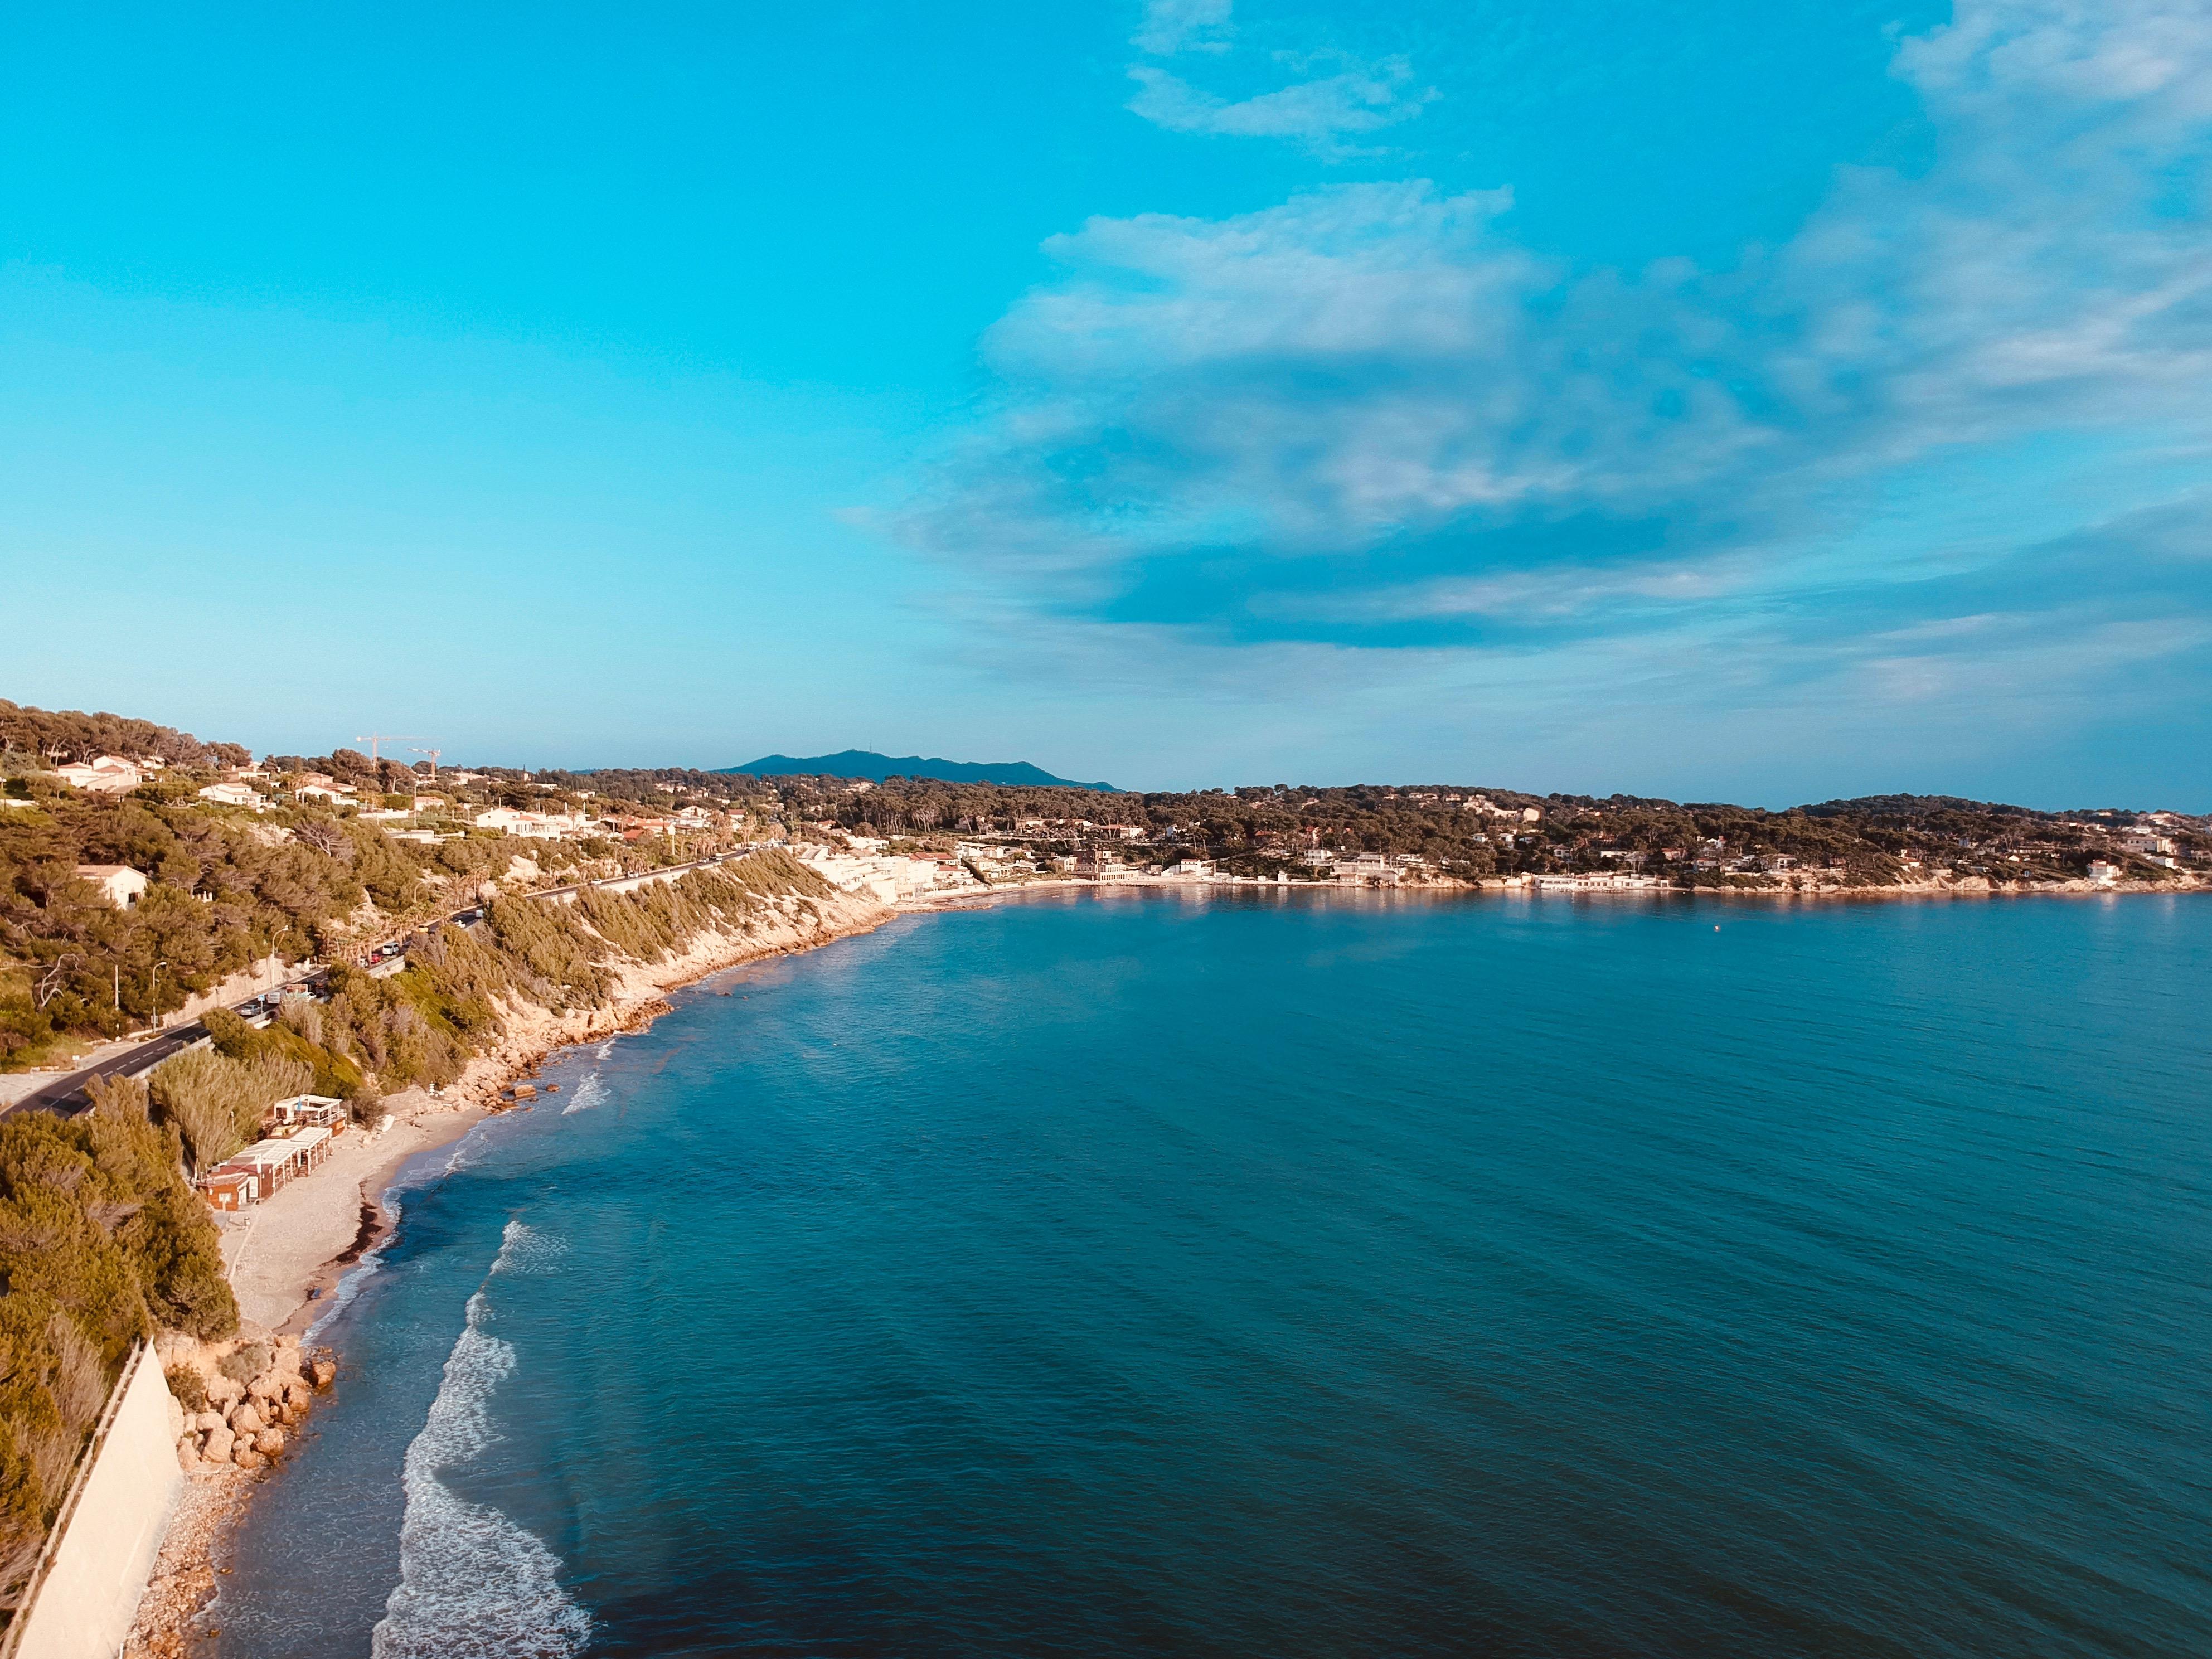 Baie de Bandol